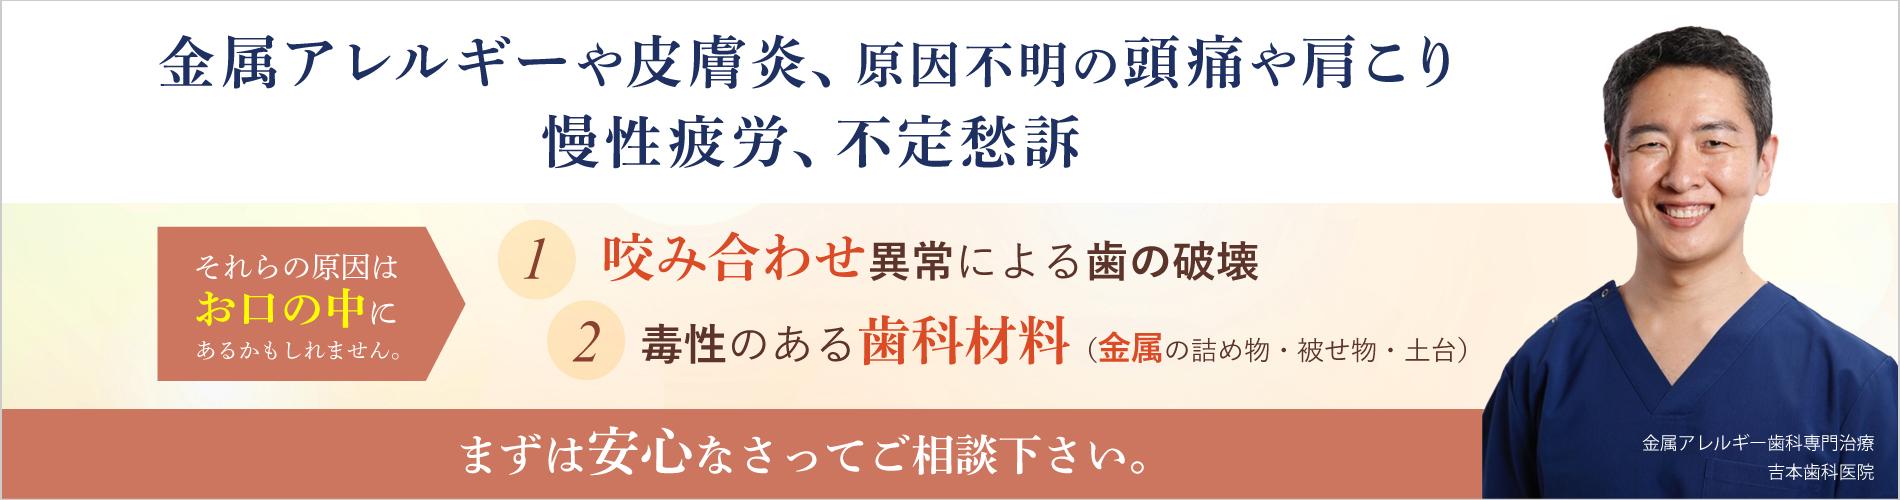 歯科金属アレルギー専門 セルコン ジルコニア 白い歯 咬み合わせ 香川県高松市